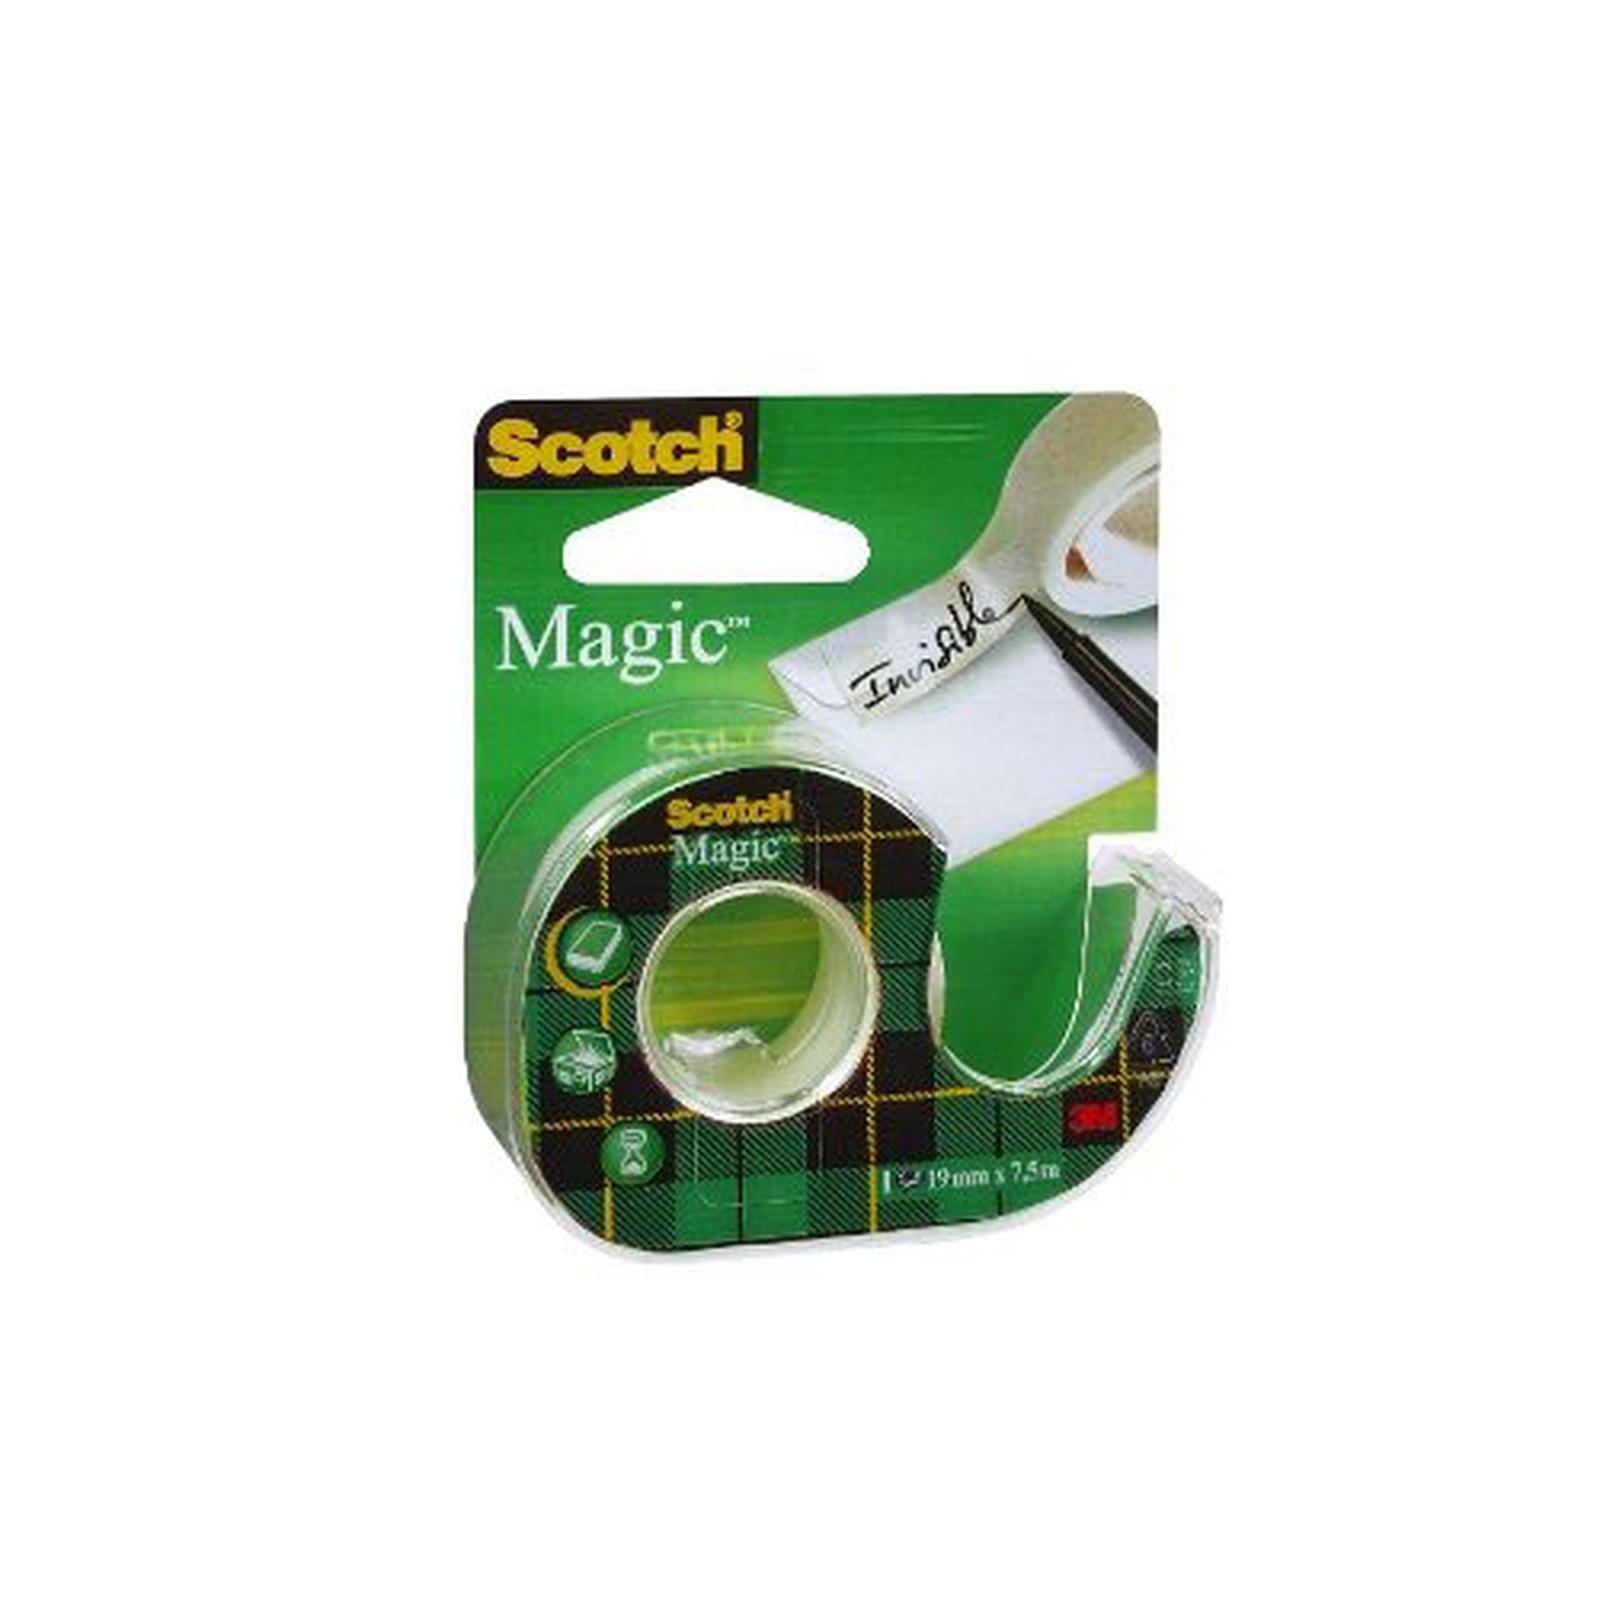 Scotch Magic 810 sur dévidoir 19 mm x 7.5 m Mat